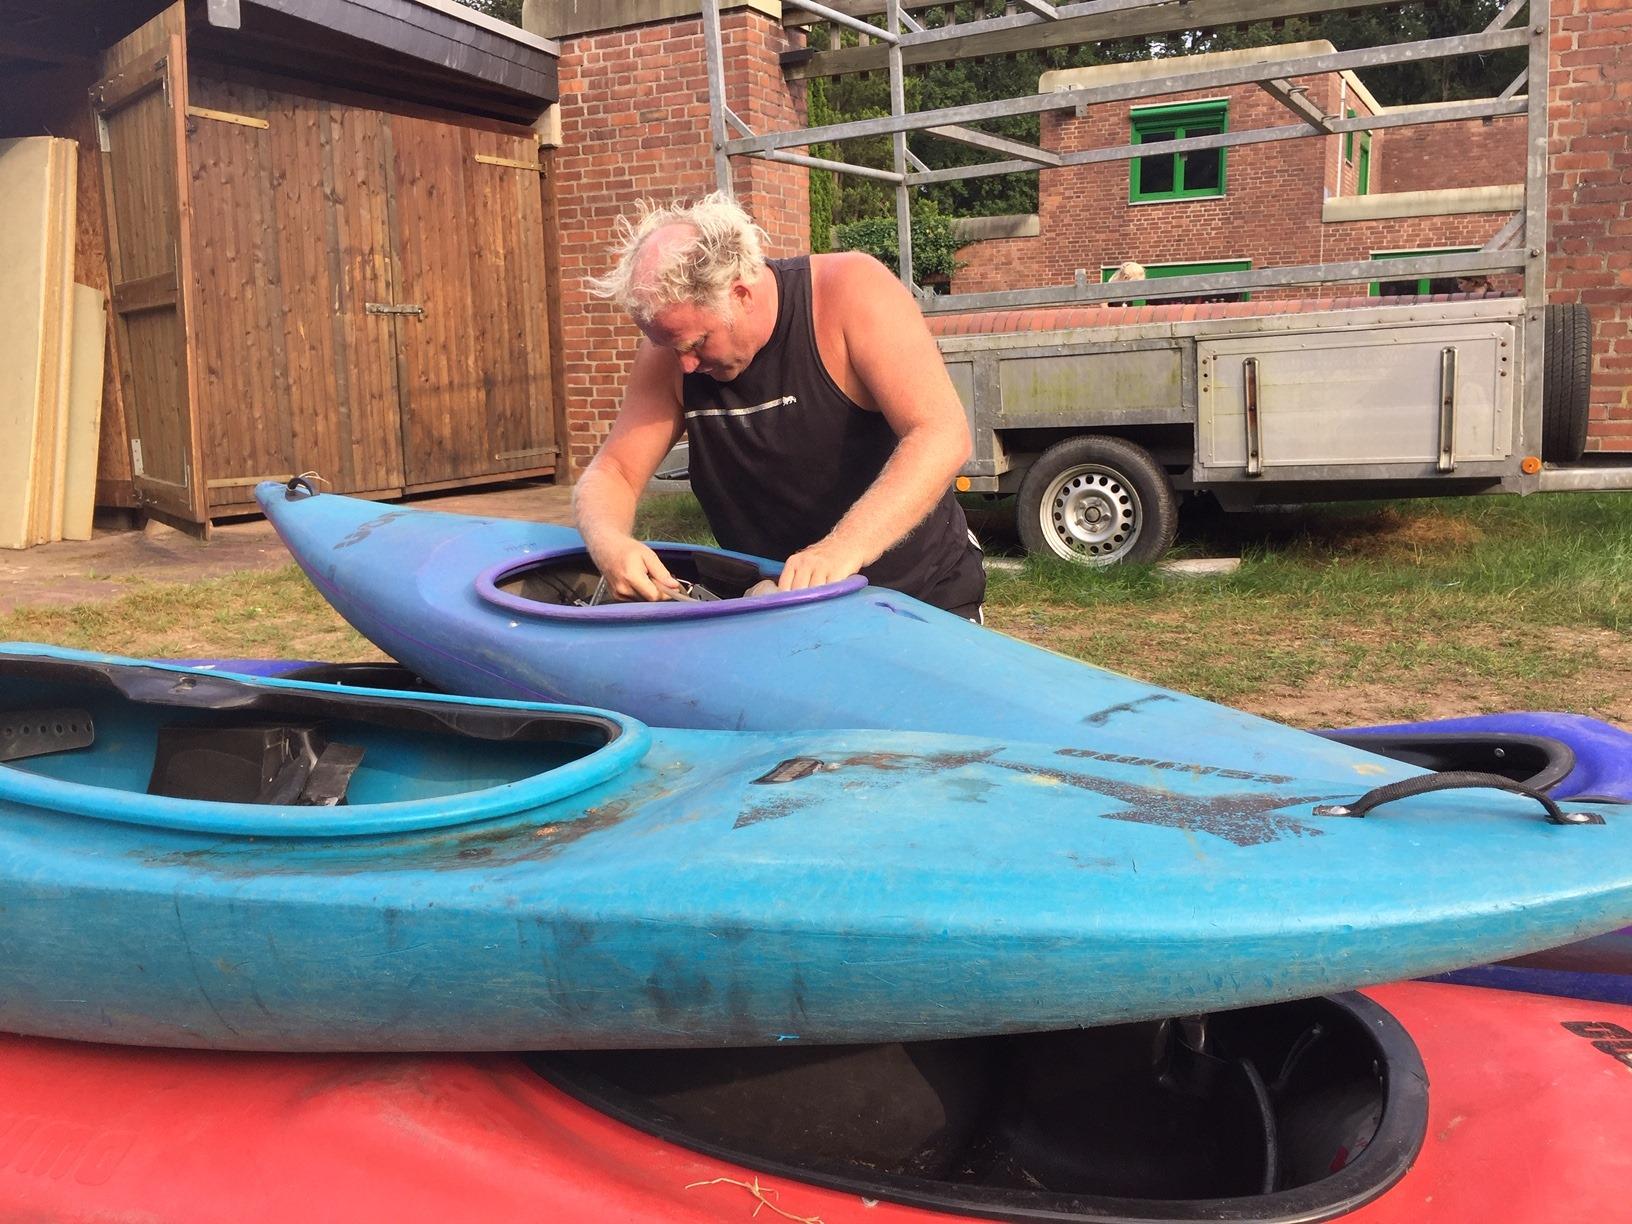 Ein Erlebnispädagoge arbeitet an einem Kanu